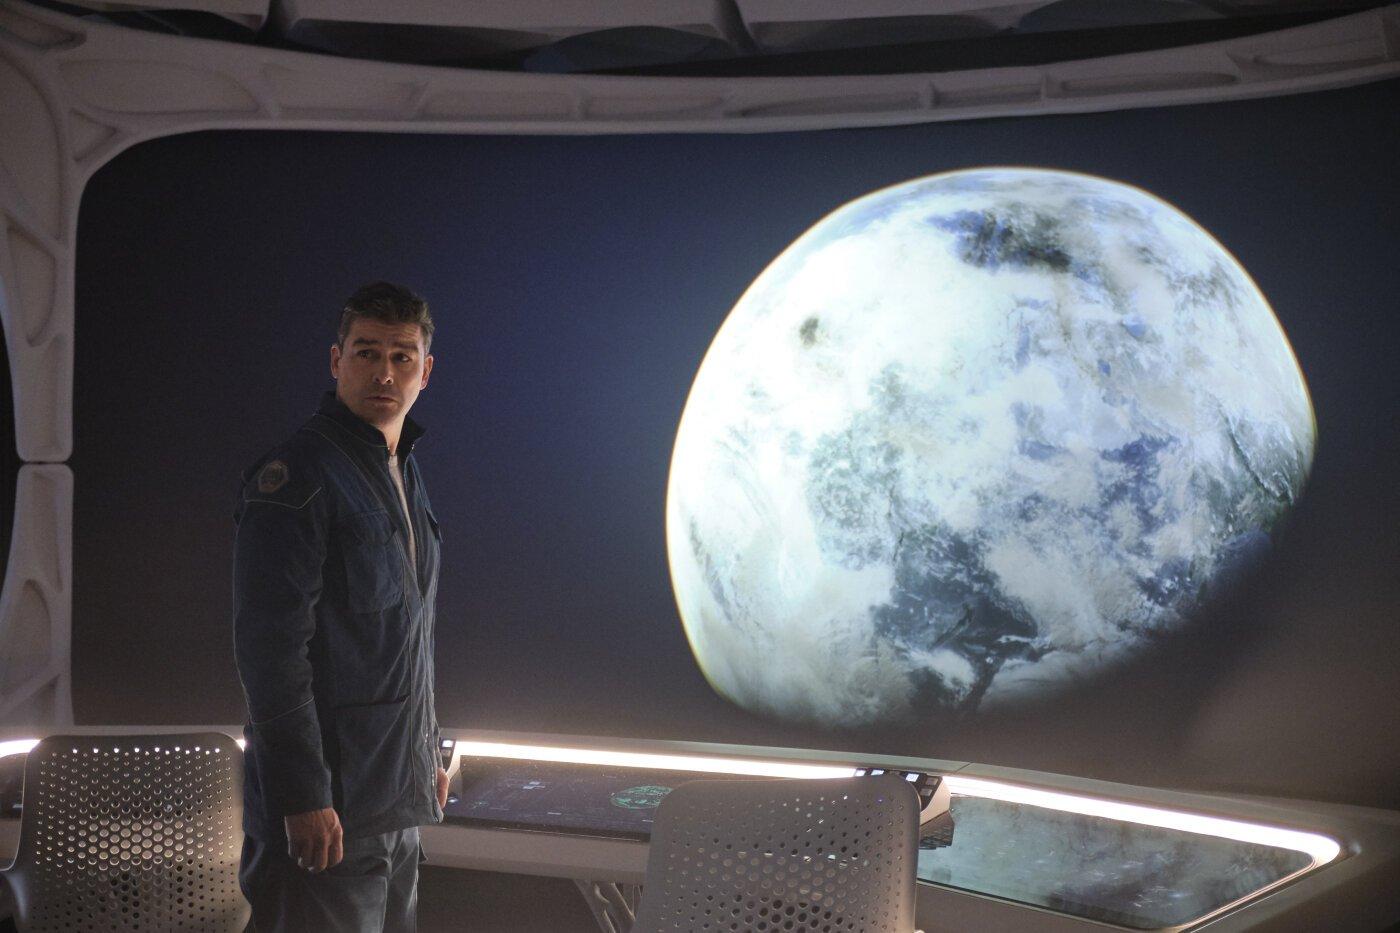 O Céu Da Meia Noite George Clooney Com Os Olhos No Cosmos E Pés De Chumbo Observador